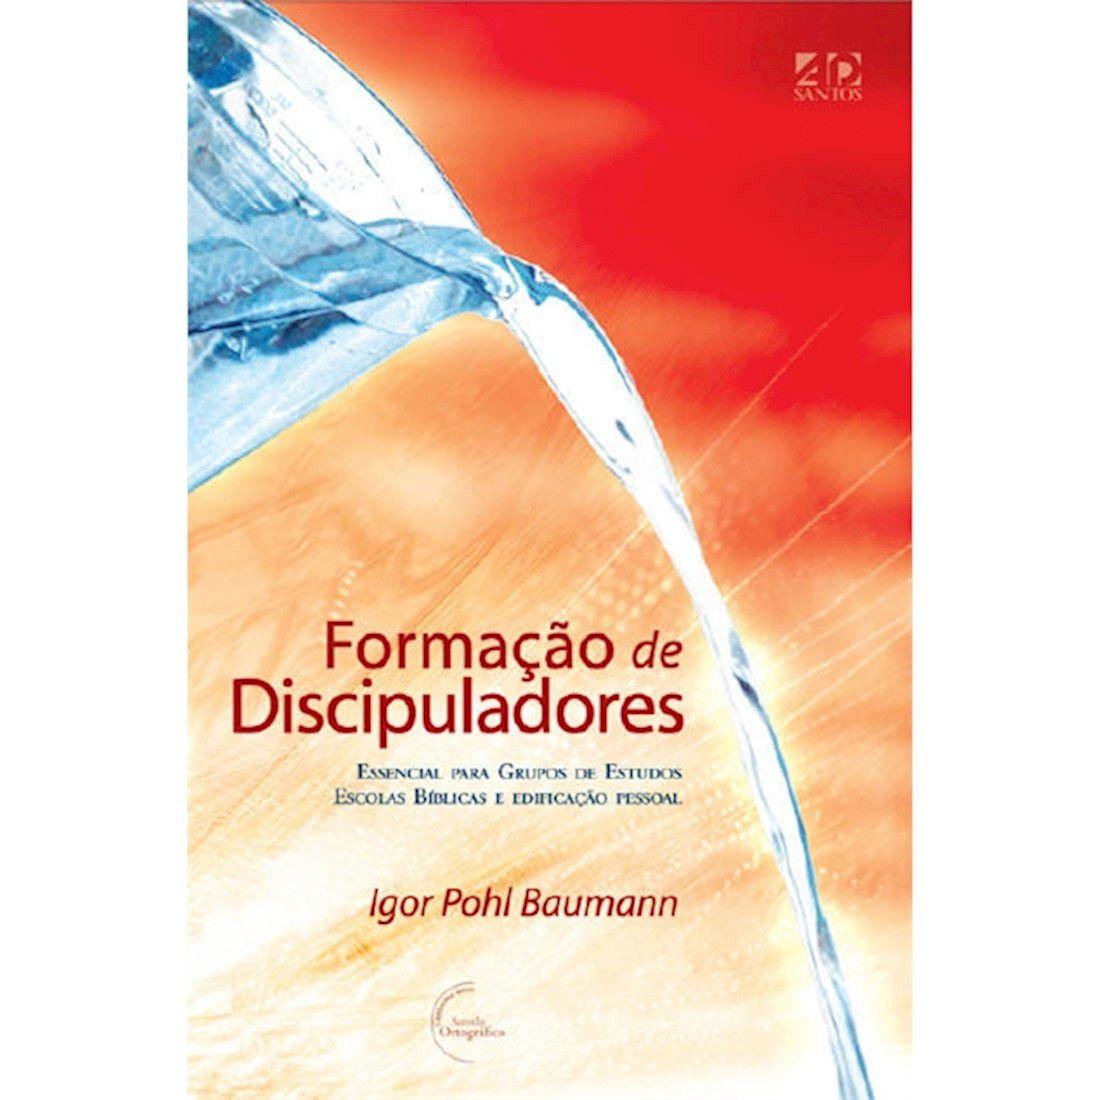 Livro Formação de Discipuladores